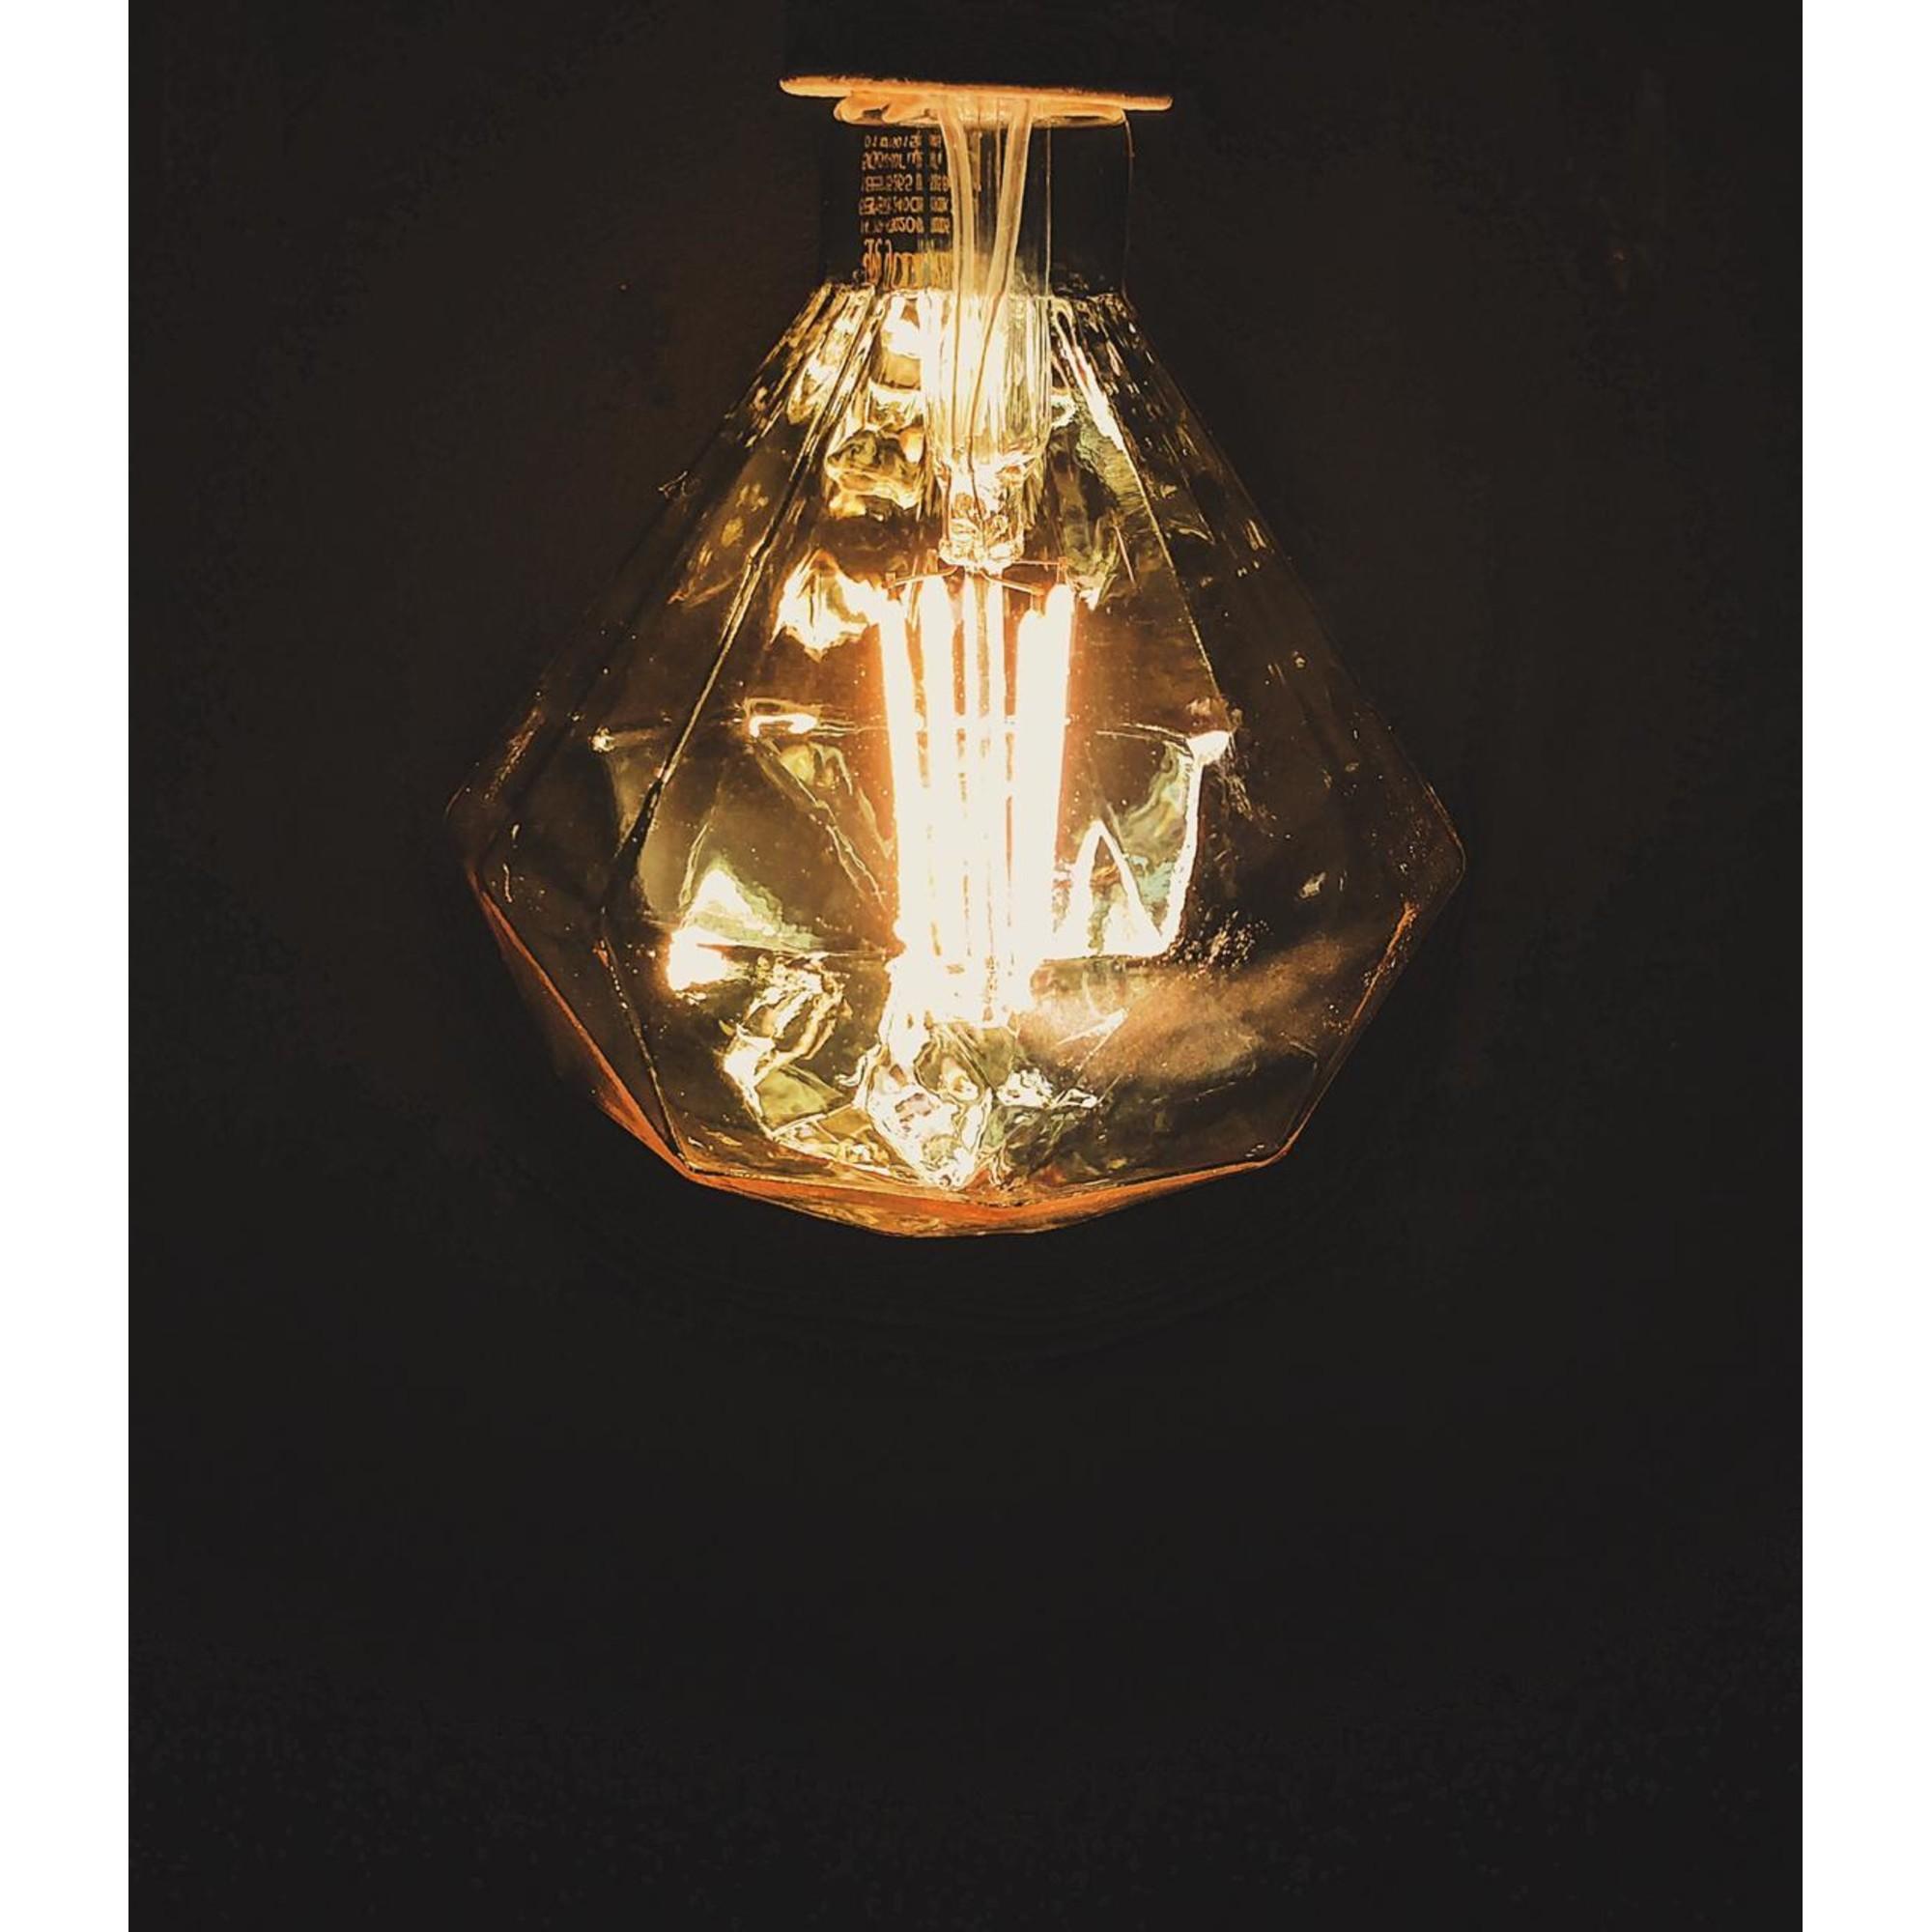 Лампа светодиодная Gauss Filament Diamond E27 5 Вт 450 Лм свет тёплый белый